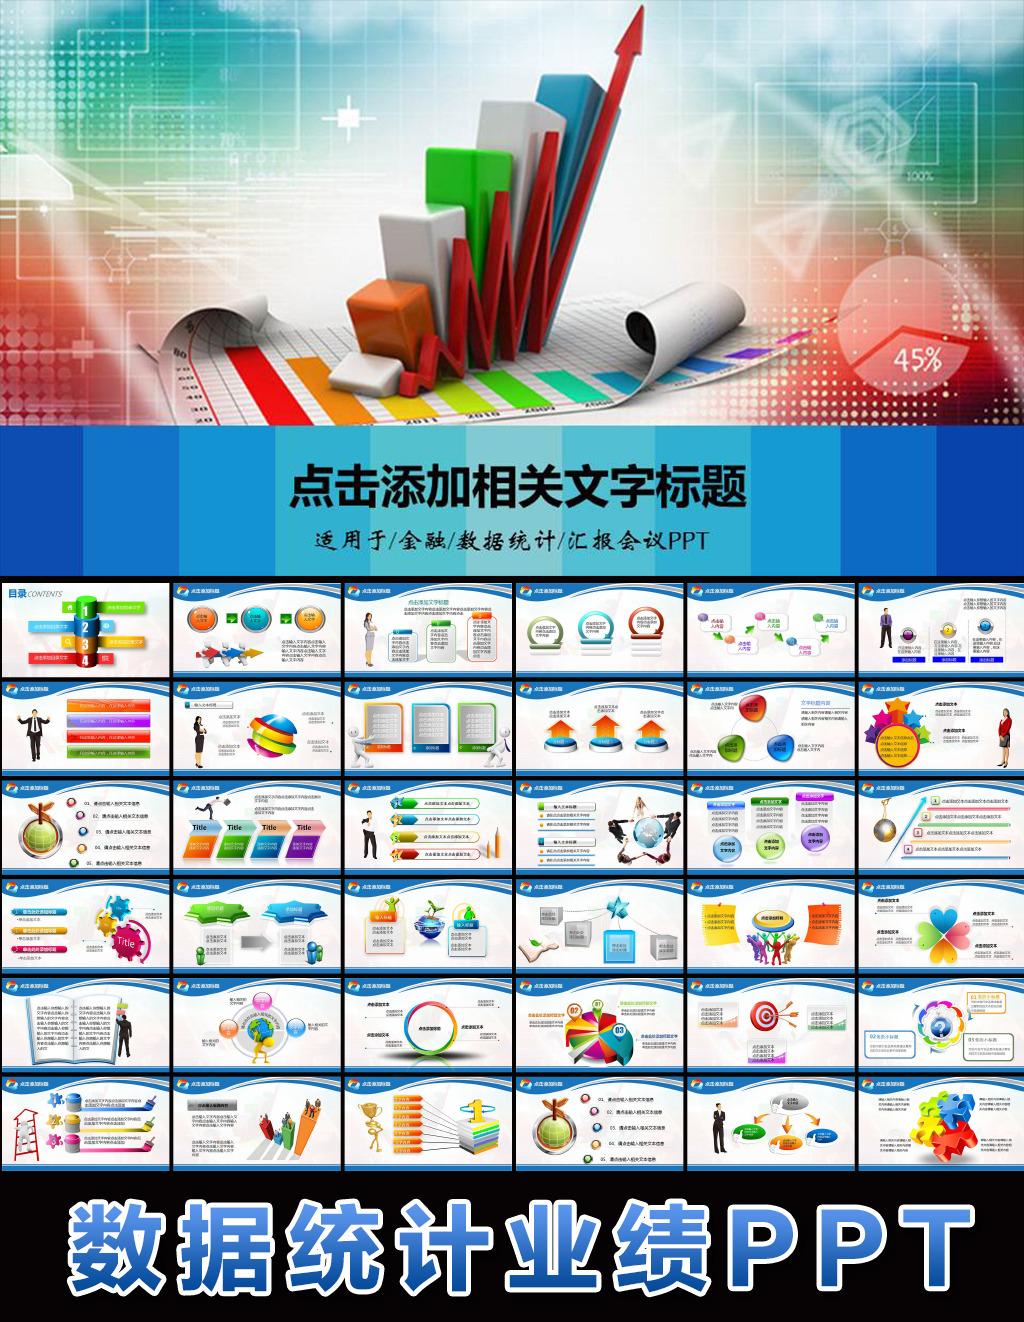 财务报告数据分析调研报告ppt模板